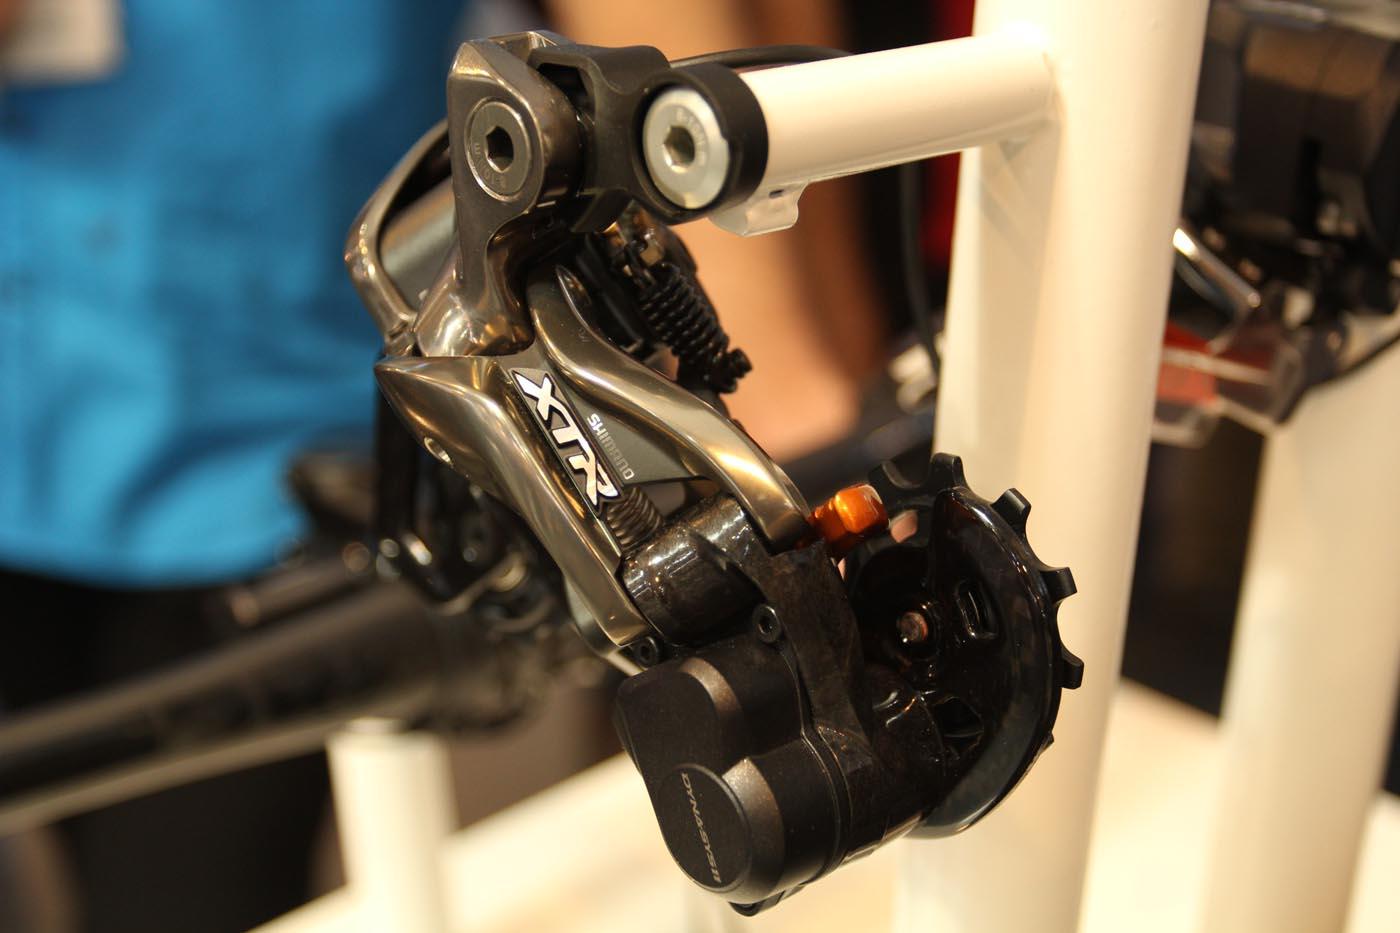 Die neue XTR DI2 Schaltung Shimano konnte auf der Eurobike ausprobiert werden.